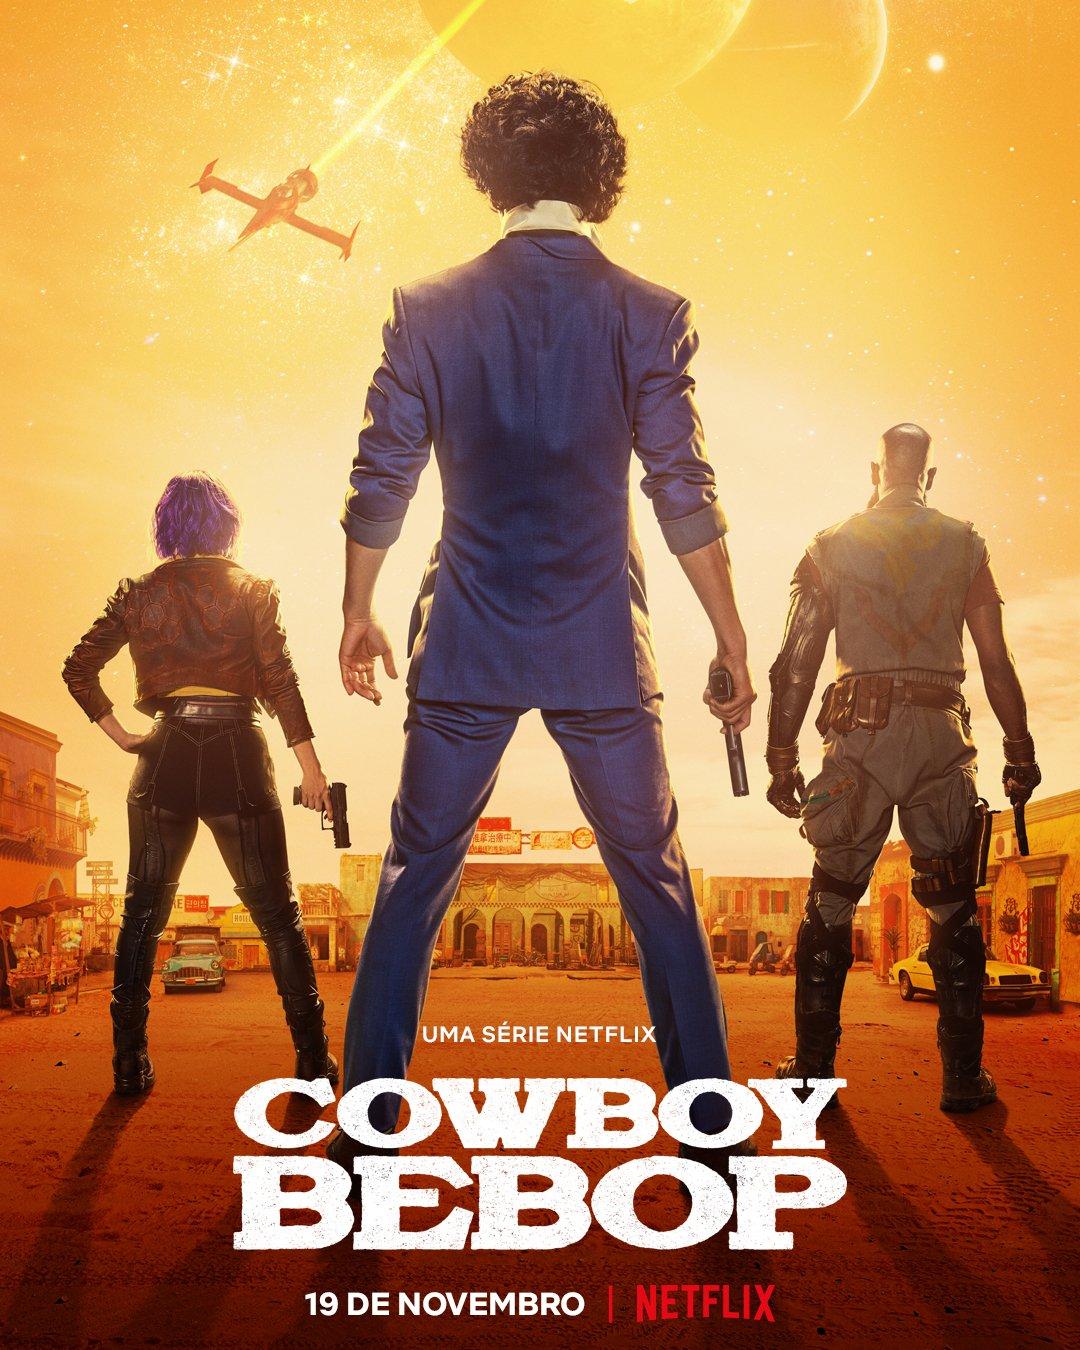 Cowboy Bepop   Netflix divulga pôster inédito da série live-action com os personagens Spike Spiegel, Faye Valentine e Jet Black